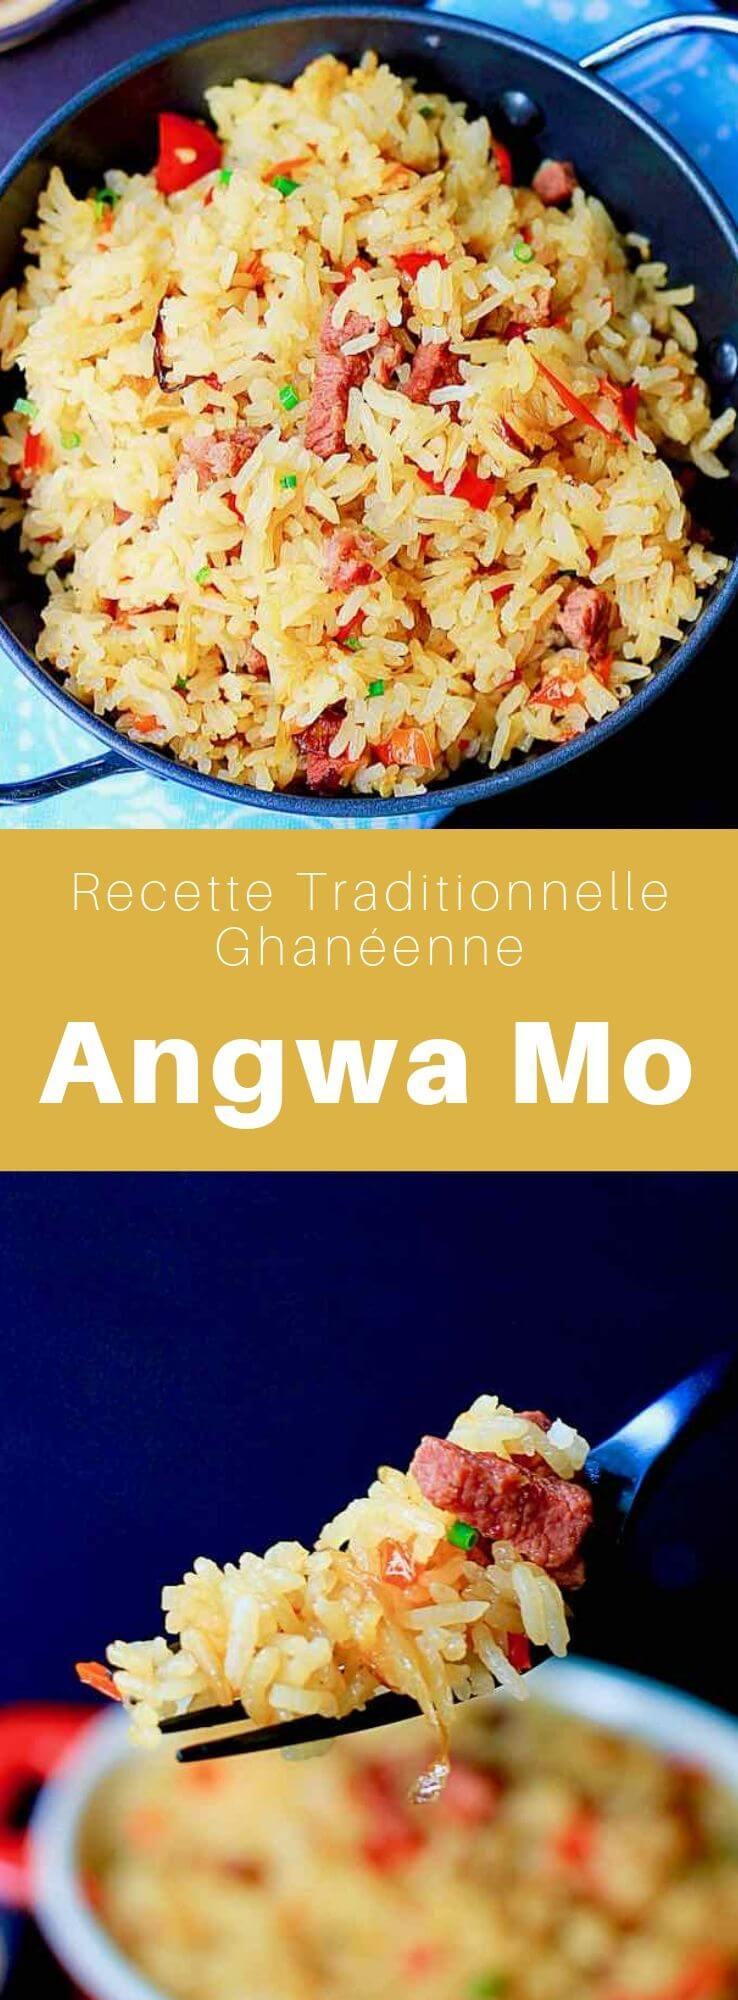 L'angwa mo (ou angwamu) est un délicieux plat traditionnel ghanéen composé de riz frit, souvent cuit avec du bœuf salé (tolo beef). #Ghana #Afrique #AfriqueDeLouest #RecetteAfricaine #CuisineAfricaine #CuisineDuMonde #196flavors